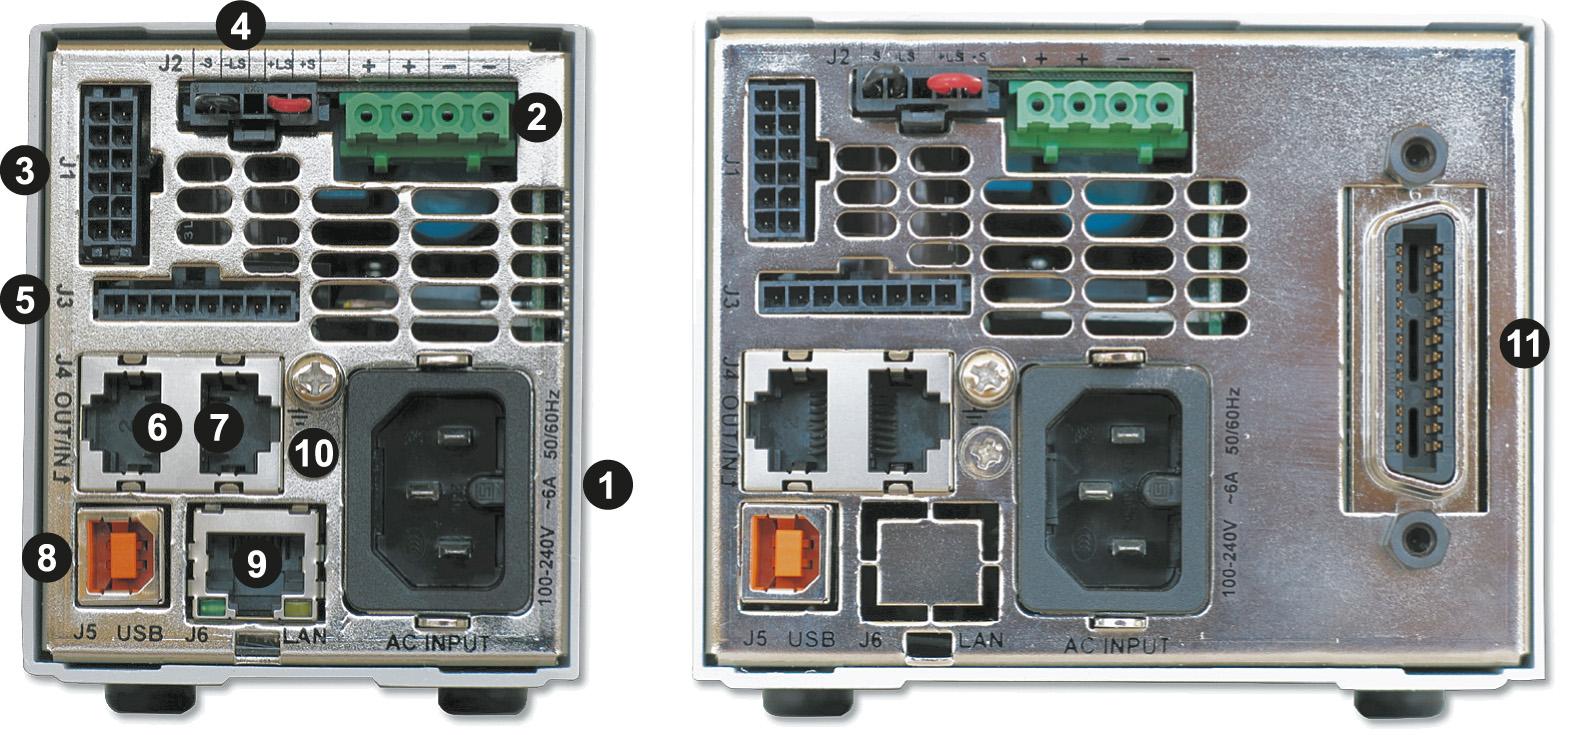 Два варианта задней панели ИП серии Z+